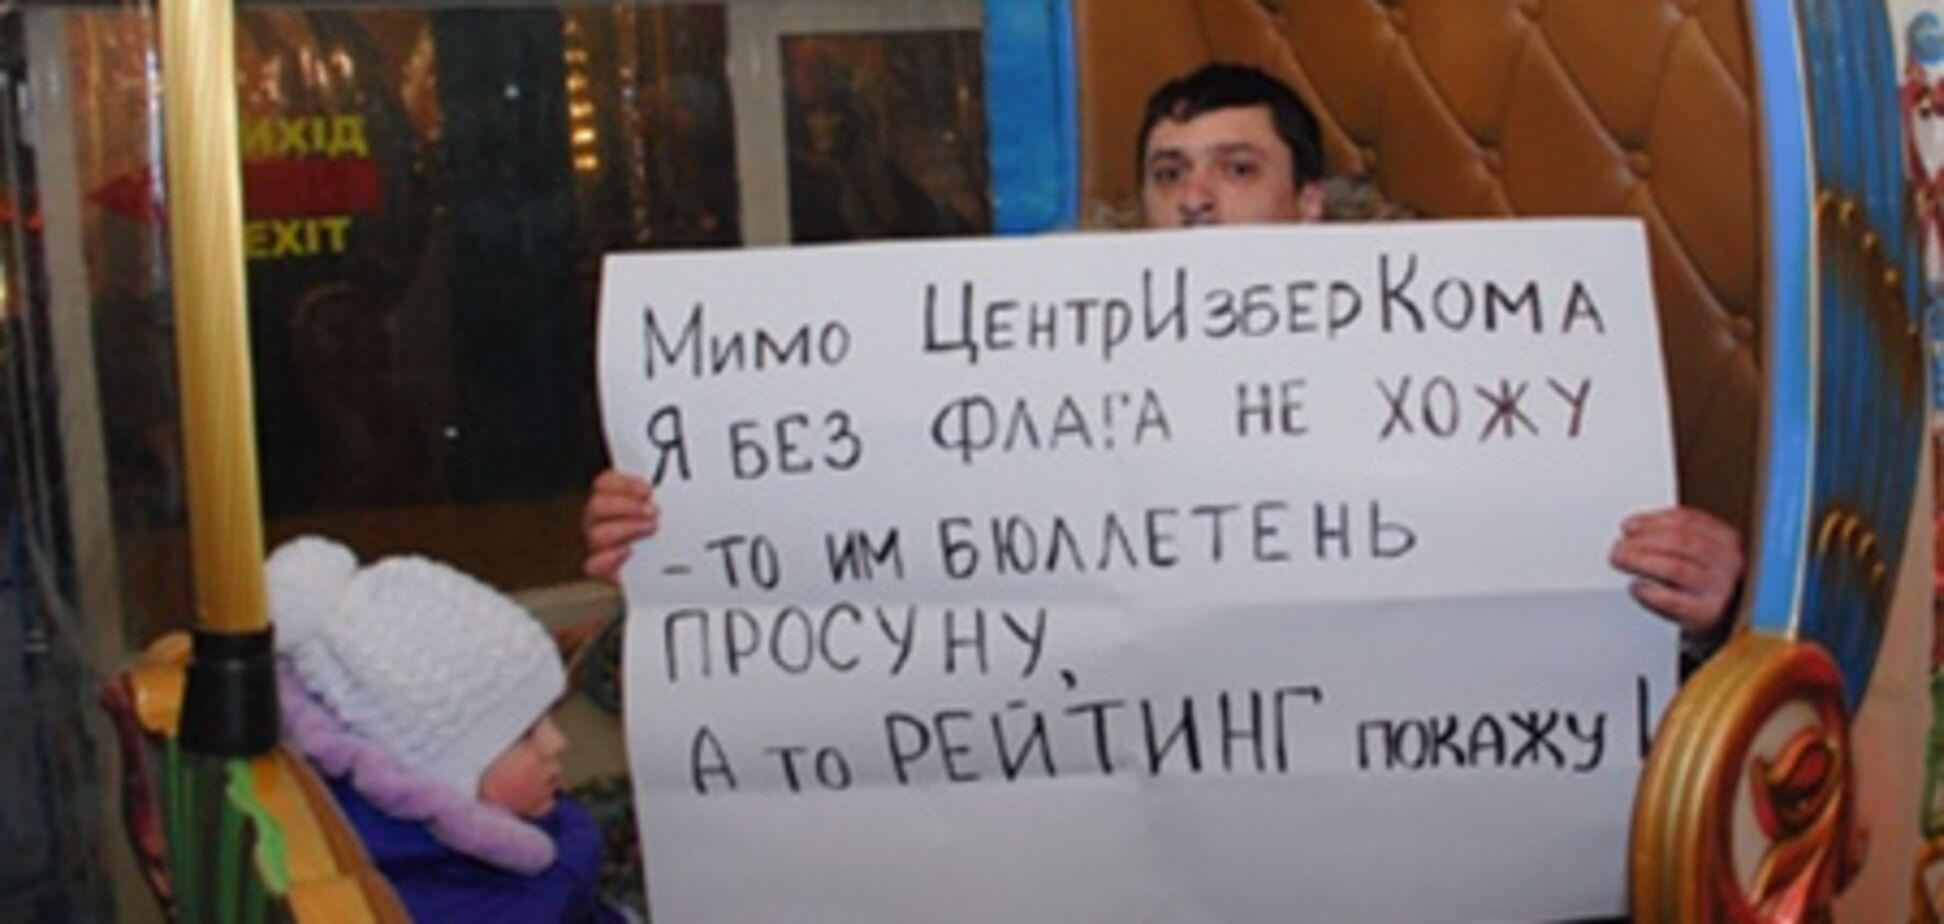 В Киеве задержали участников флеш-моба в поддержку российской оппозиции